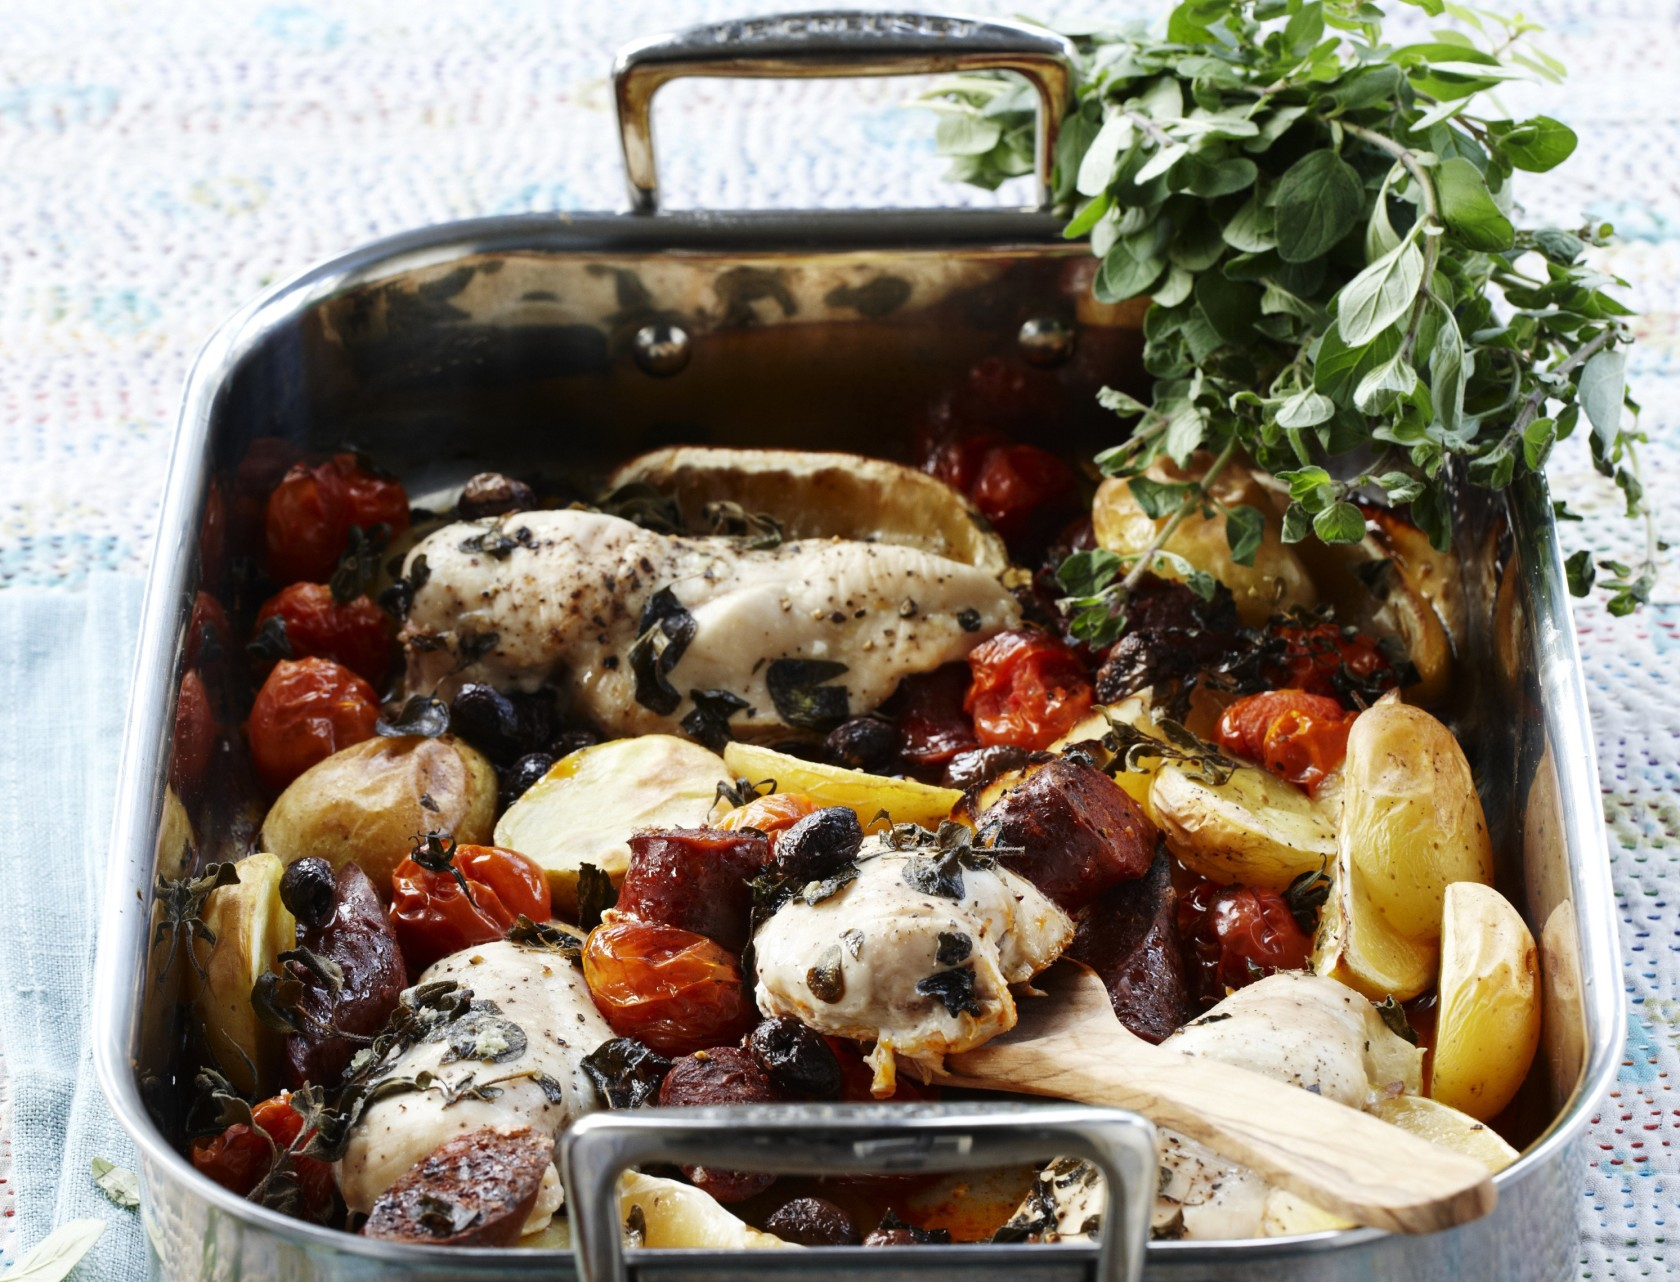 Kylling i ovn med kartofler og tomater | SPIS BEDRE